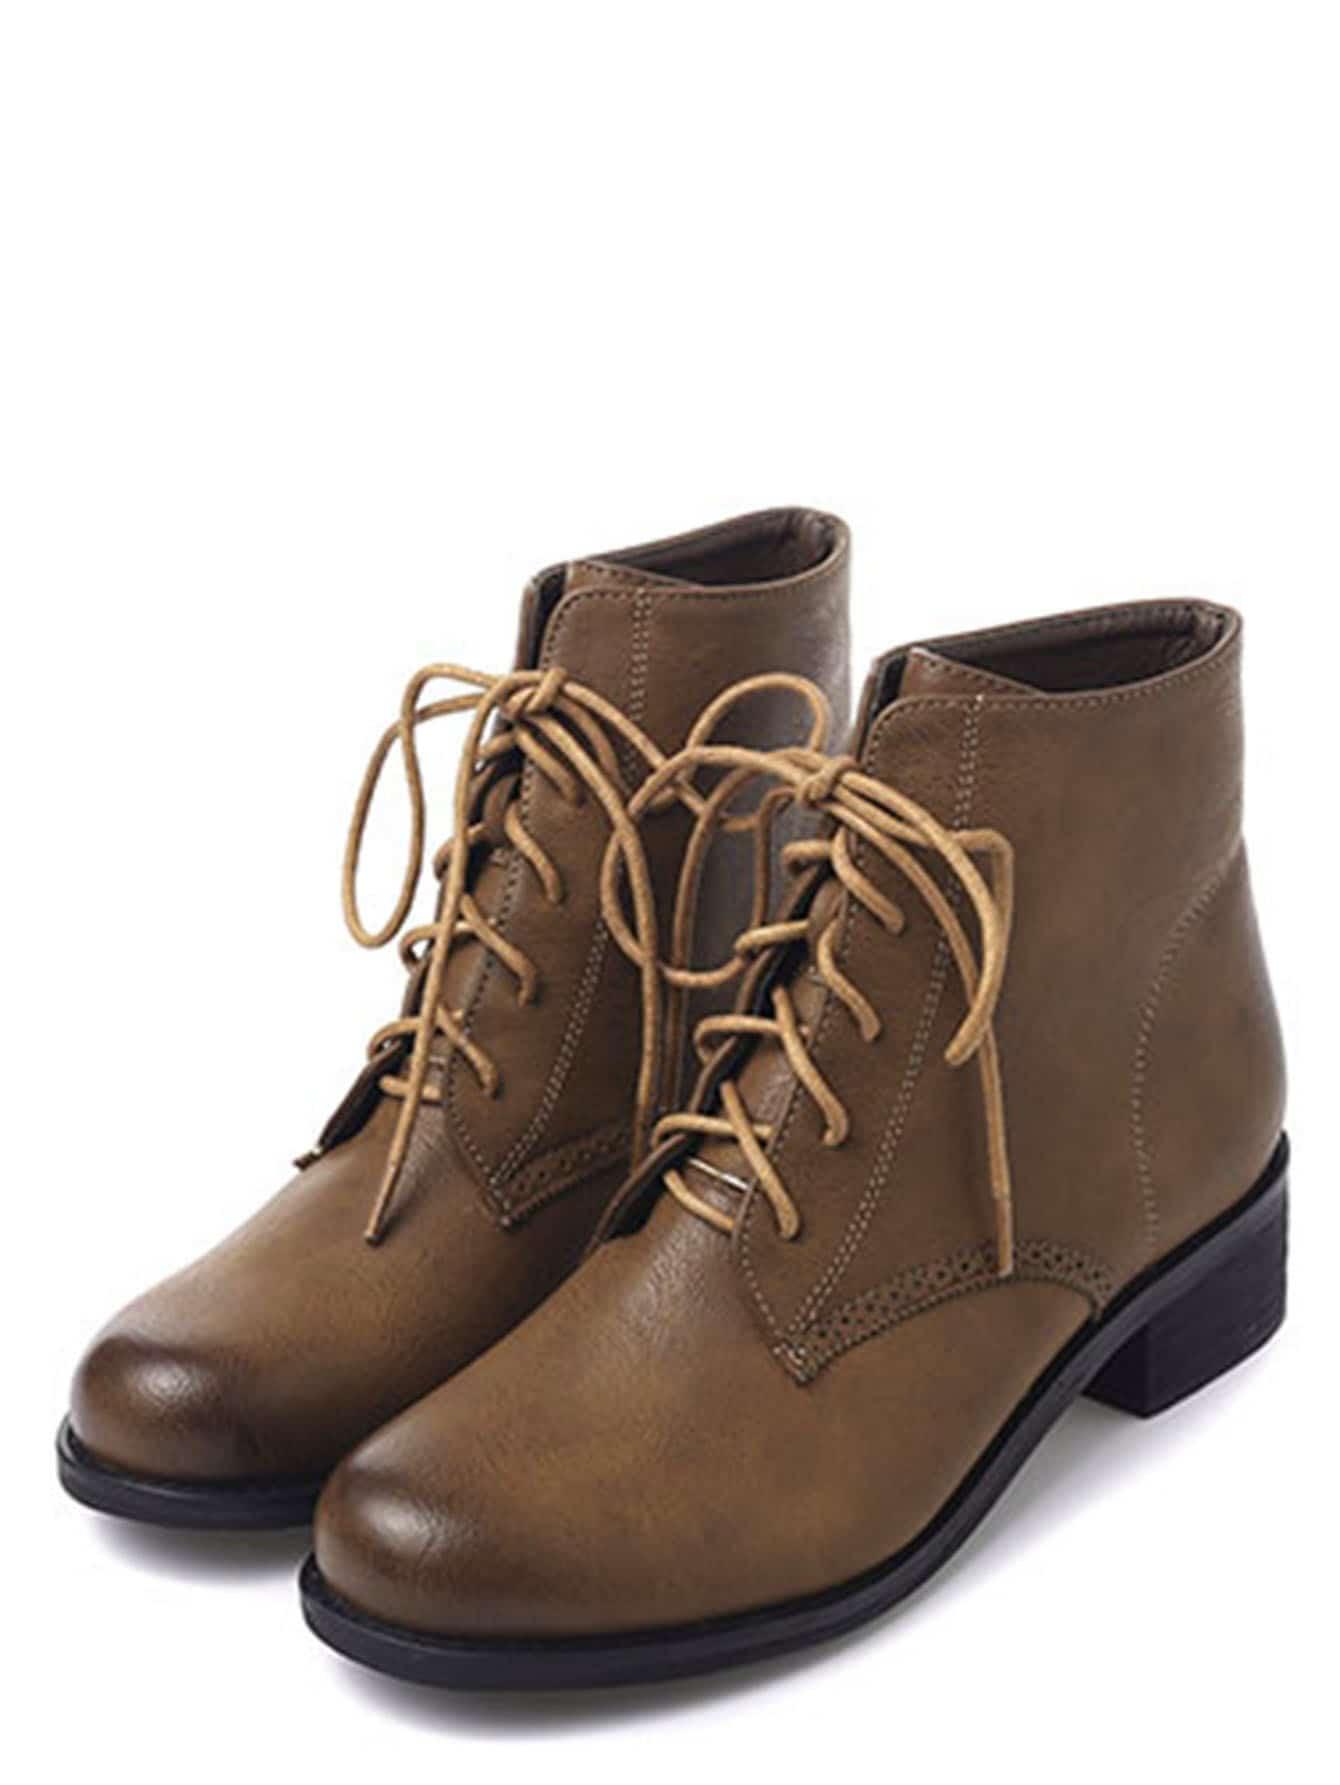 shoes161027808_2